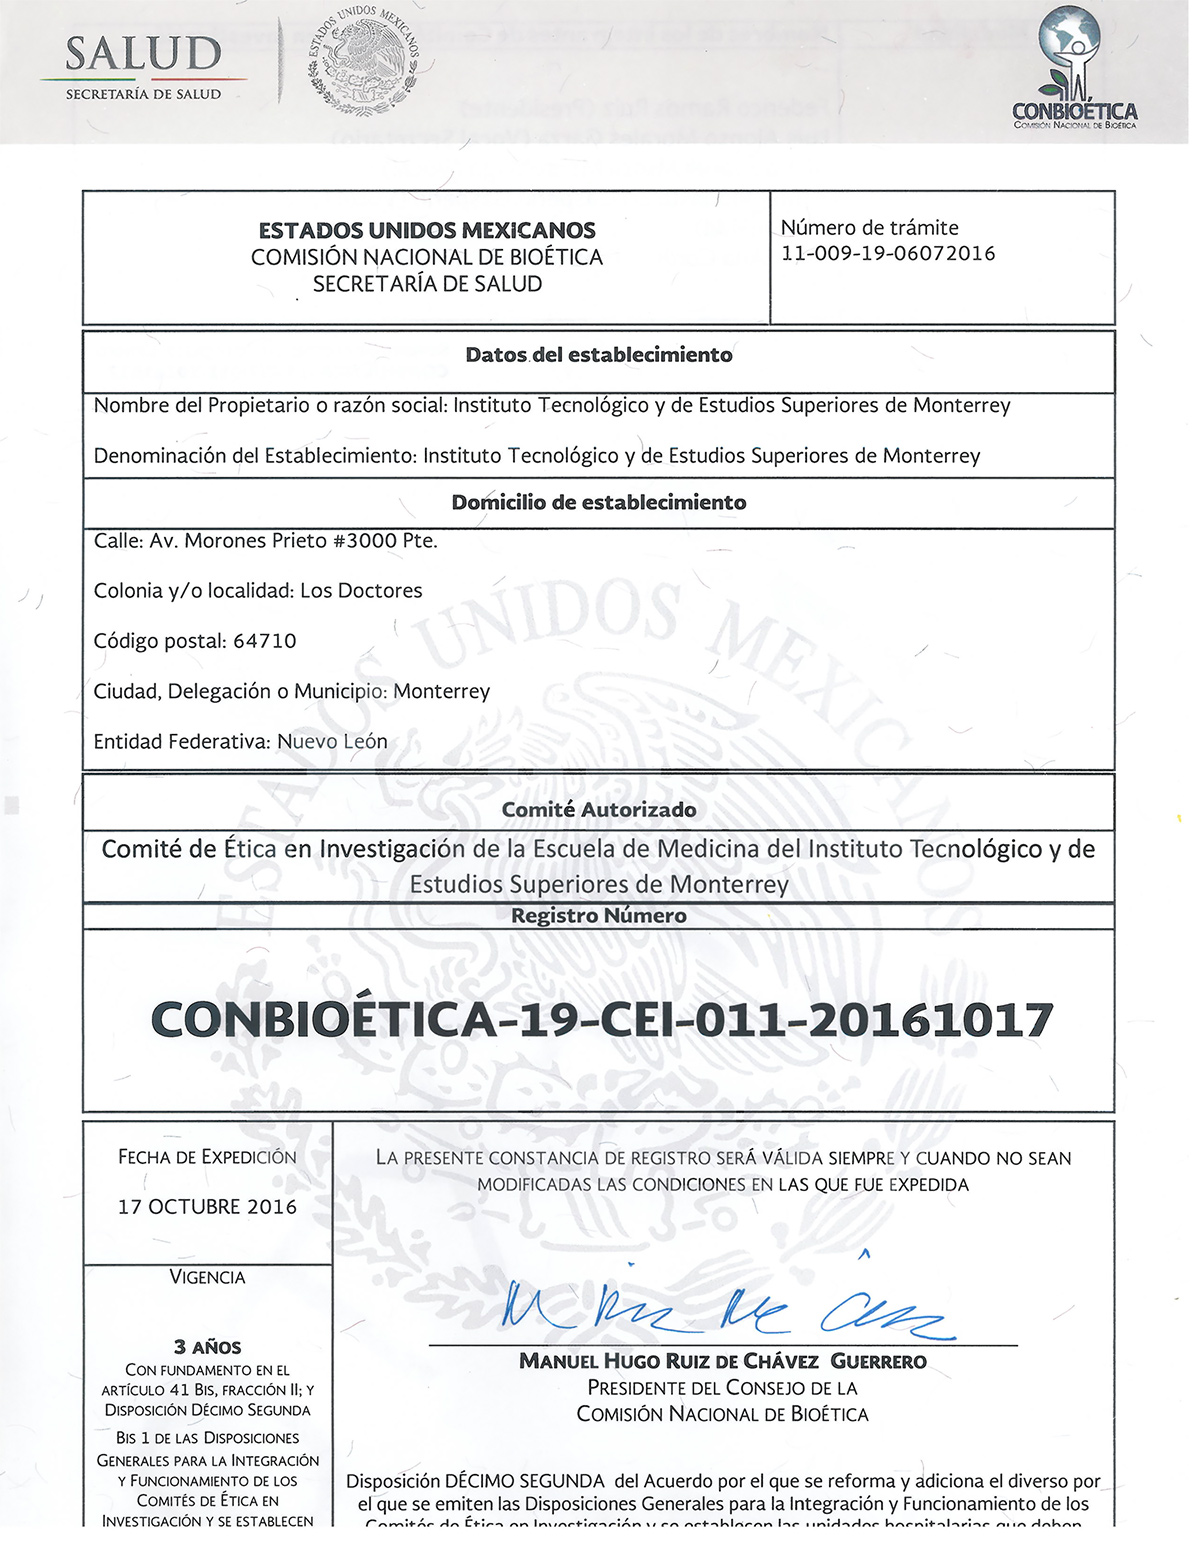 Registro ante CONBIOETICA del Comité de Ética en Investigación del ITESM.